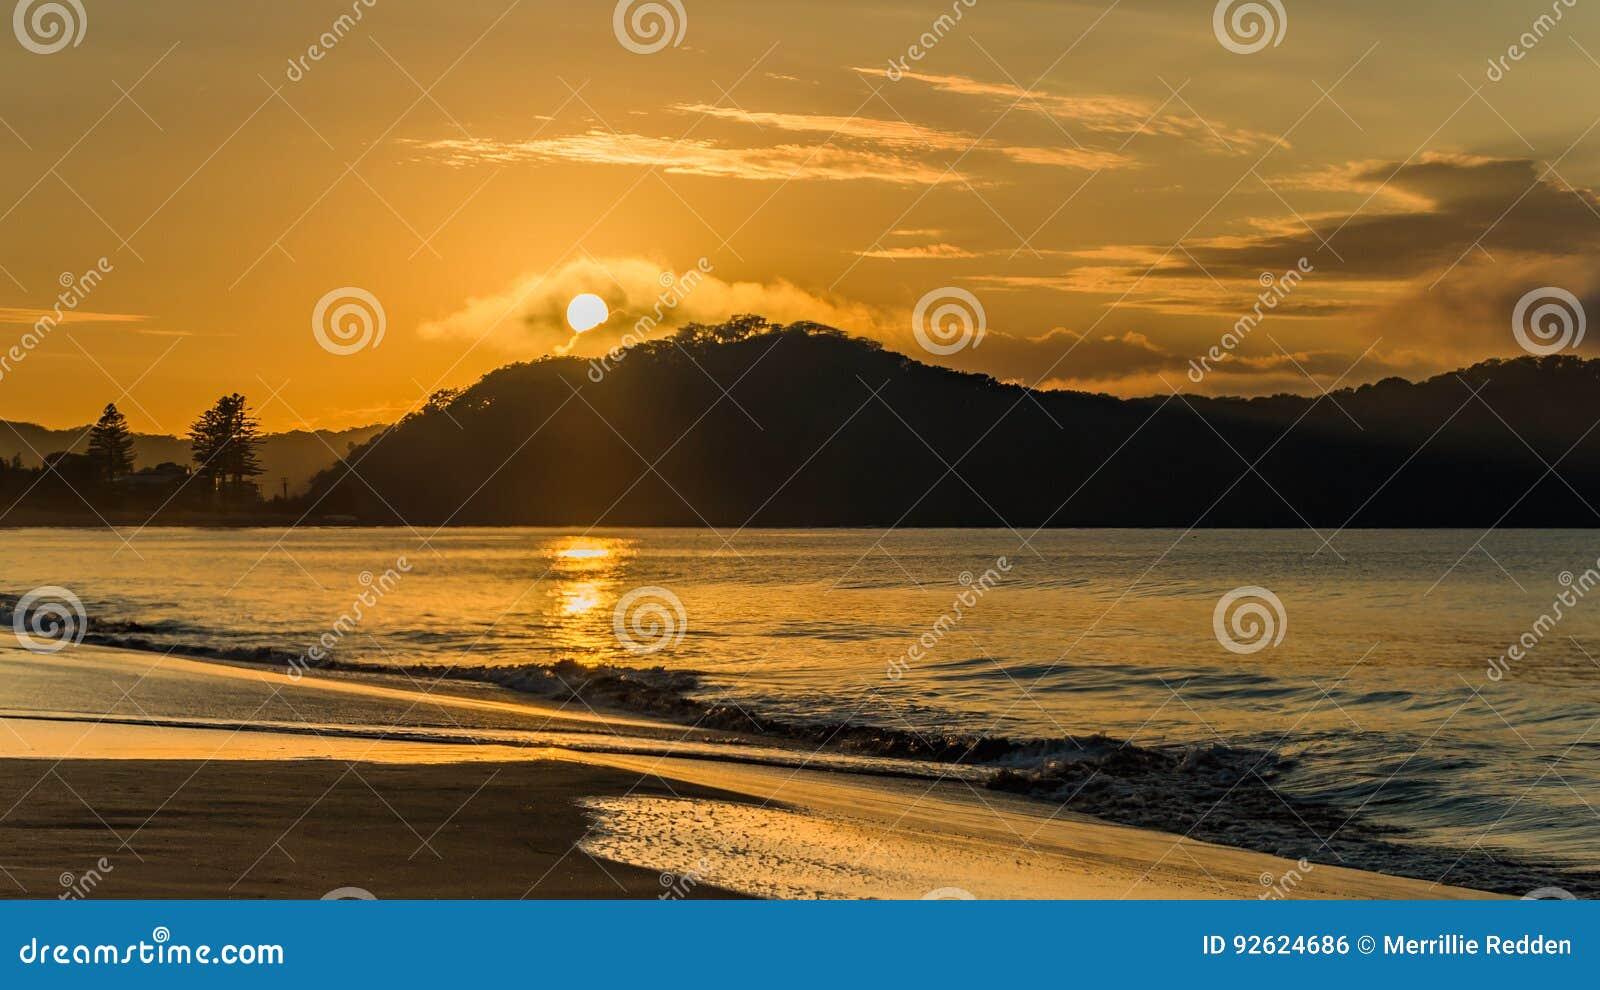 Sunrise Mountain Seascape